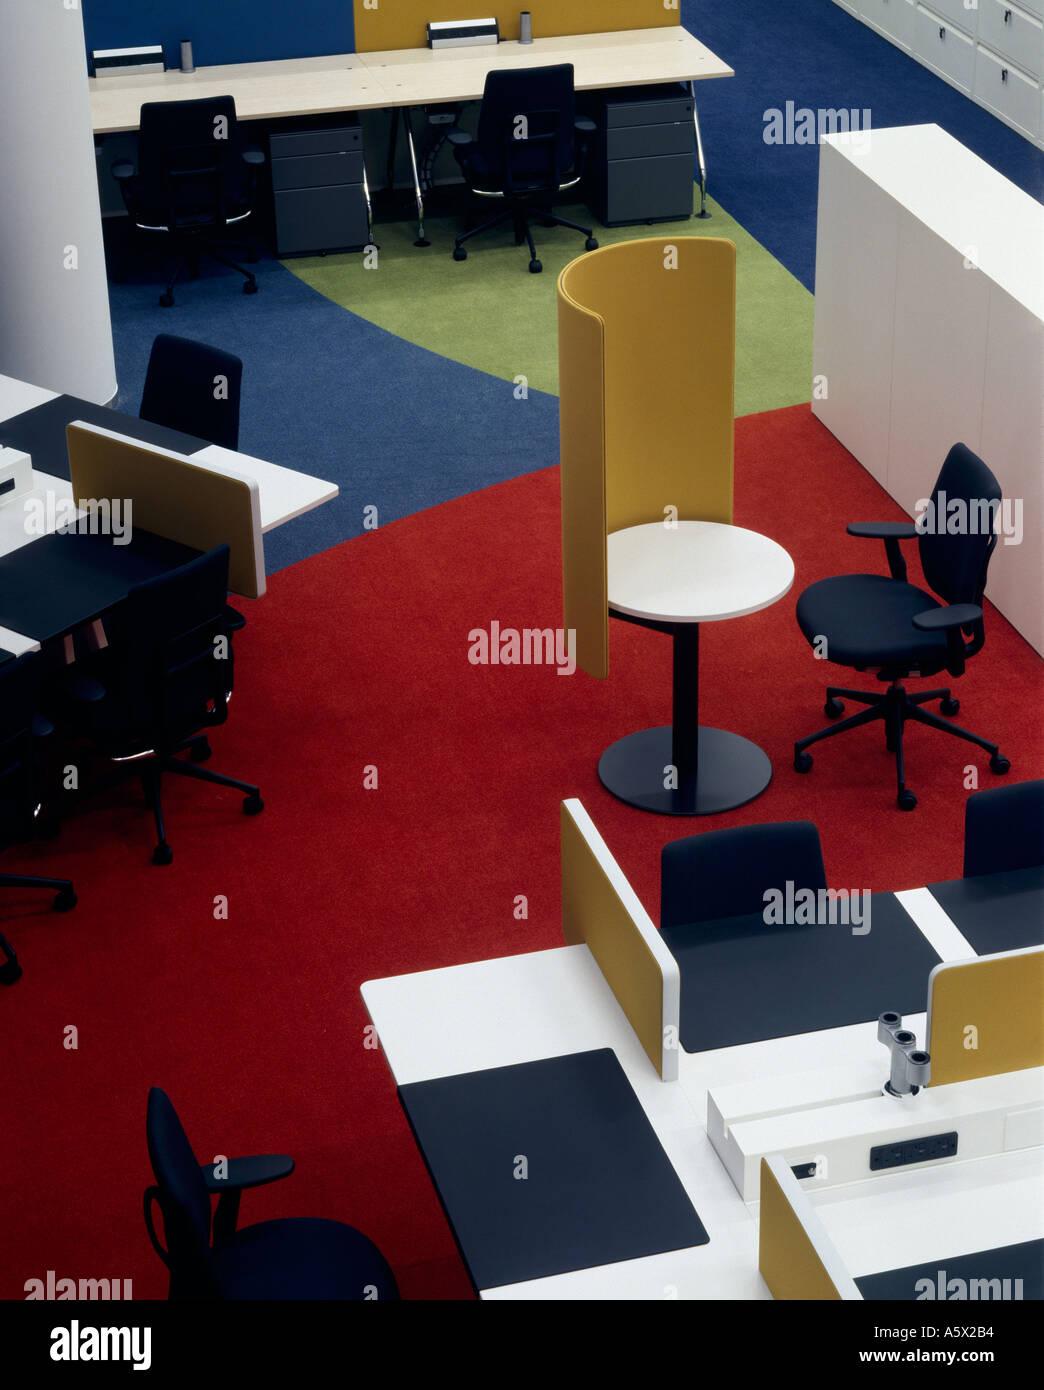 Vitra furniture in BBC offices The Mailbox Birmingham Interior